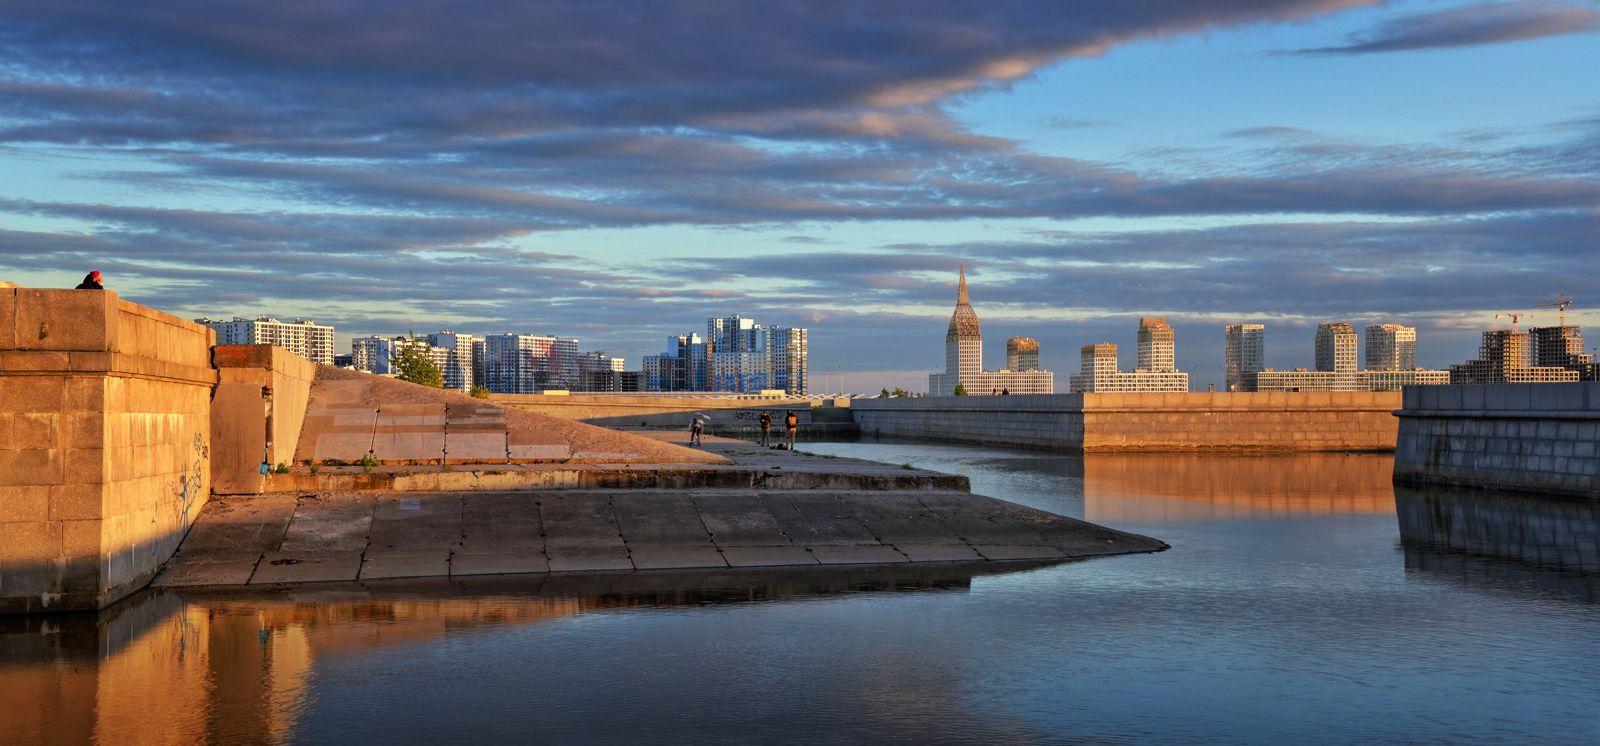 Новые районы большого города.... Санкт-Петербург Saint-Petersburg Васильевский остров панорама сумерки закат пейзаж новостройки залив